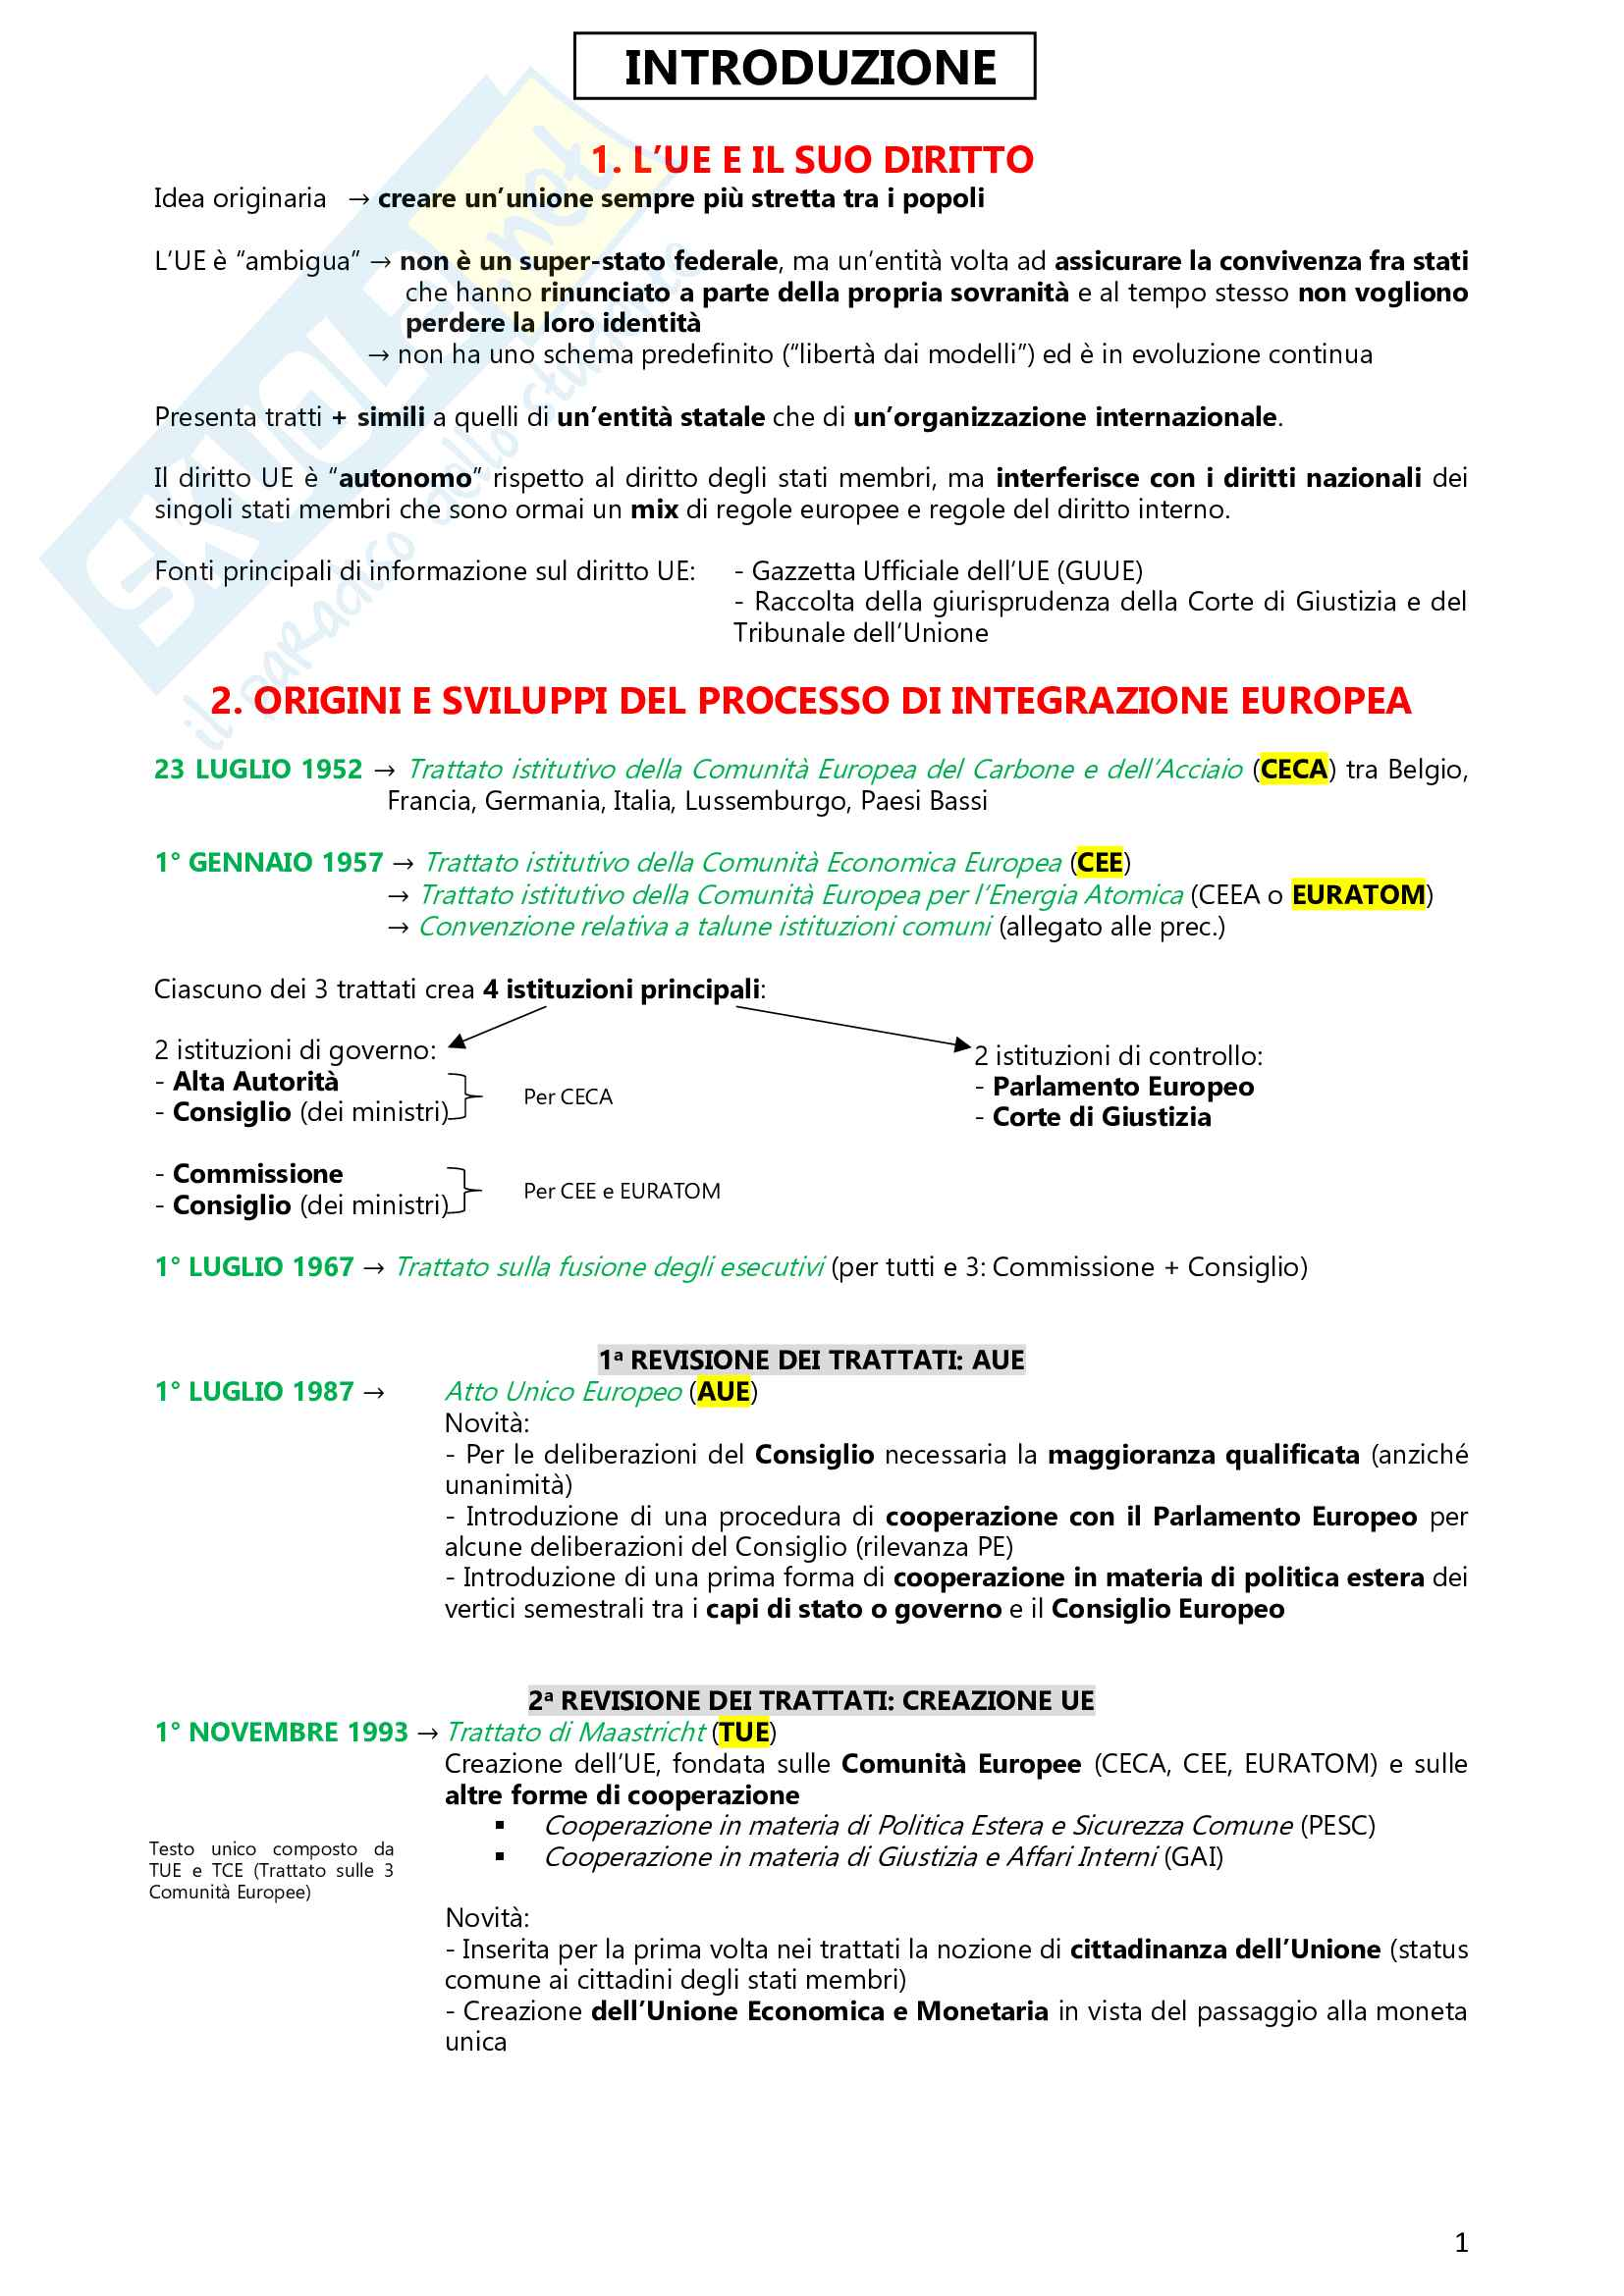 Riassunto esame Diritto dell'UE (1° parziale), prof. Persano, libro consigliato Manuale di diritto dell'UE, Tizzano